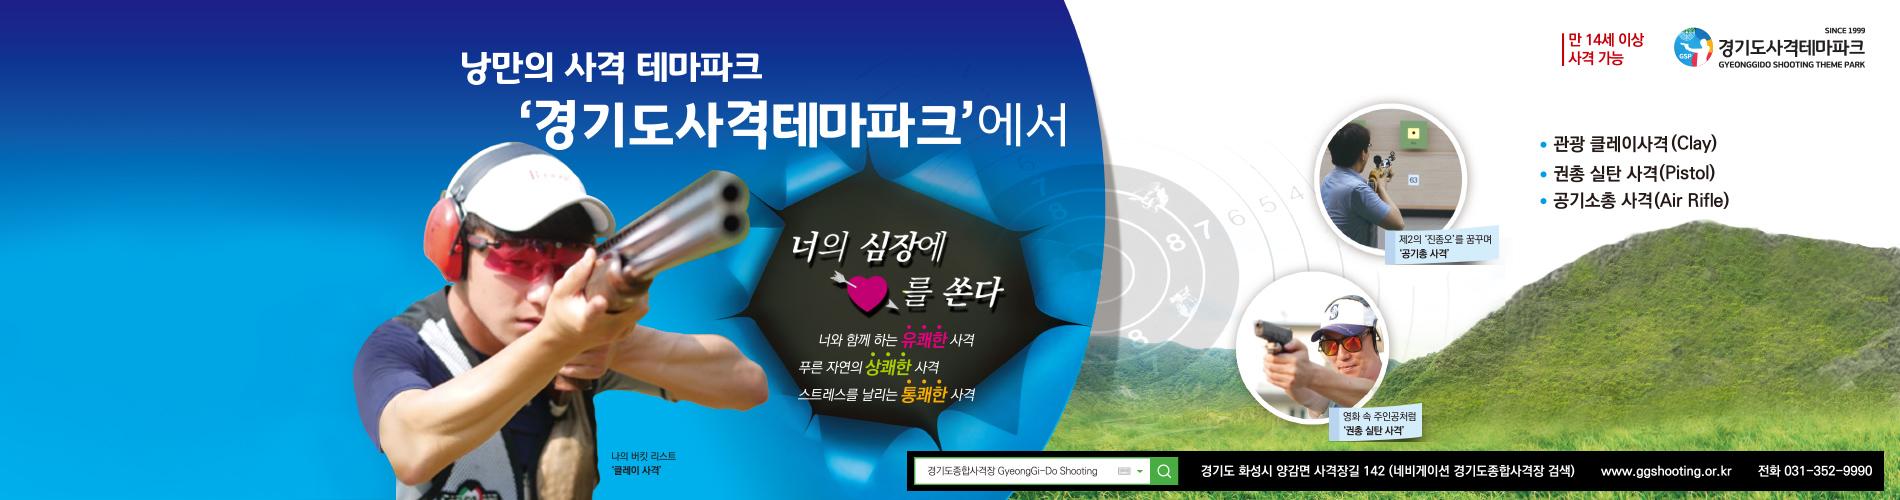 경기도사격테마파크